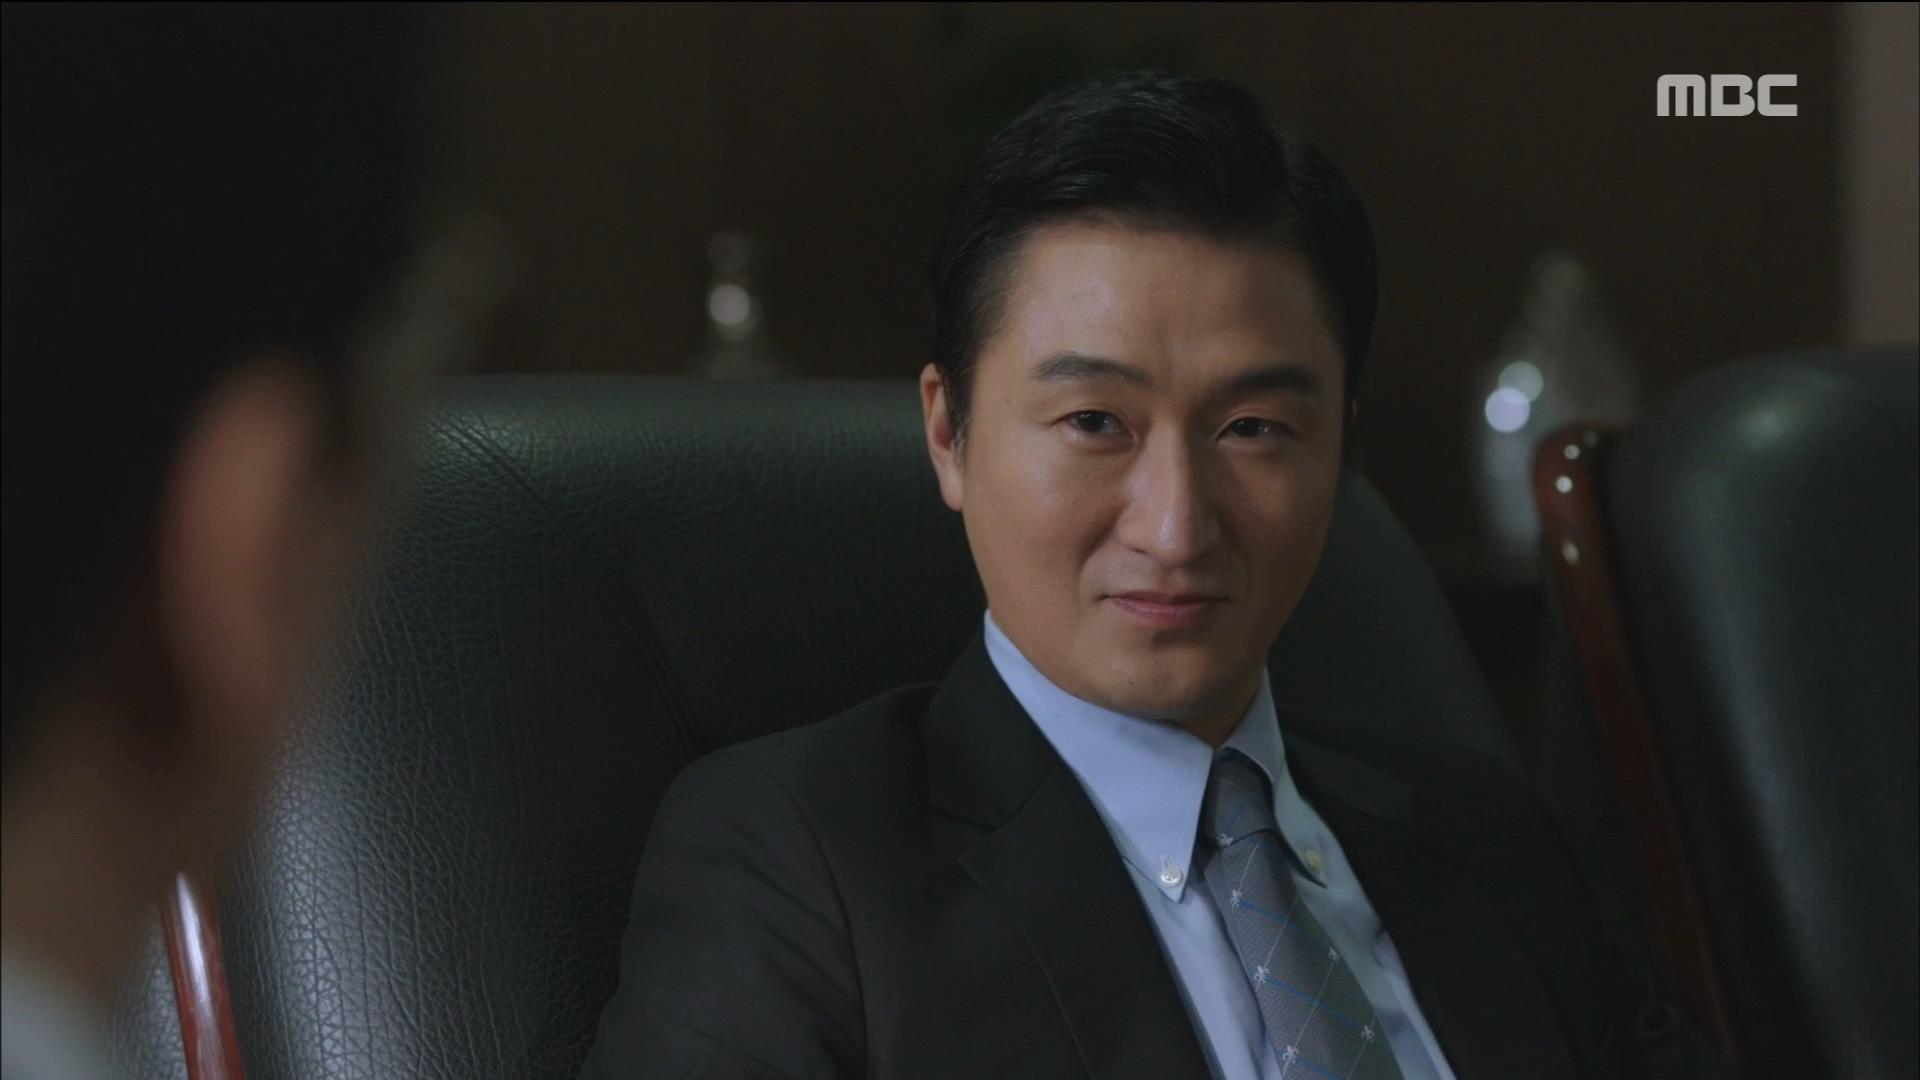 최종환,김준원에 내가 어떤 사람인지 잘 몰라?협상결렬?!